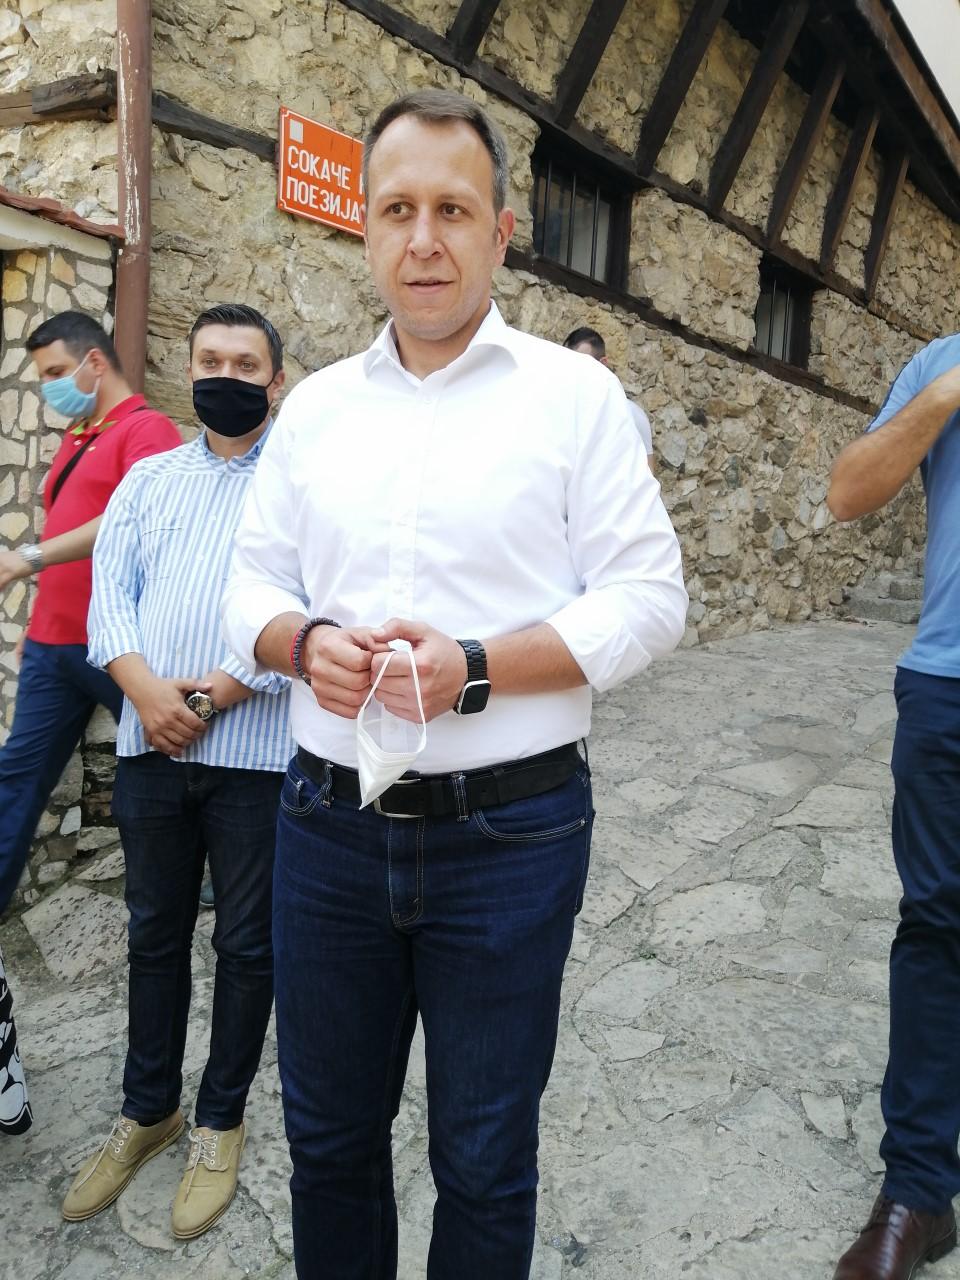 ЈАНУШЕВ: Борба за враќање на гордоста на Македонецот и за националното достоинство